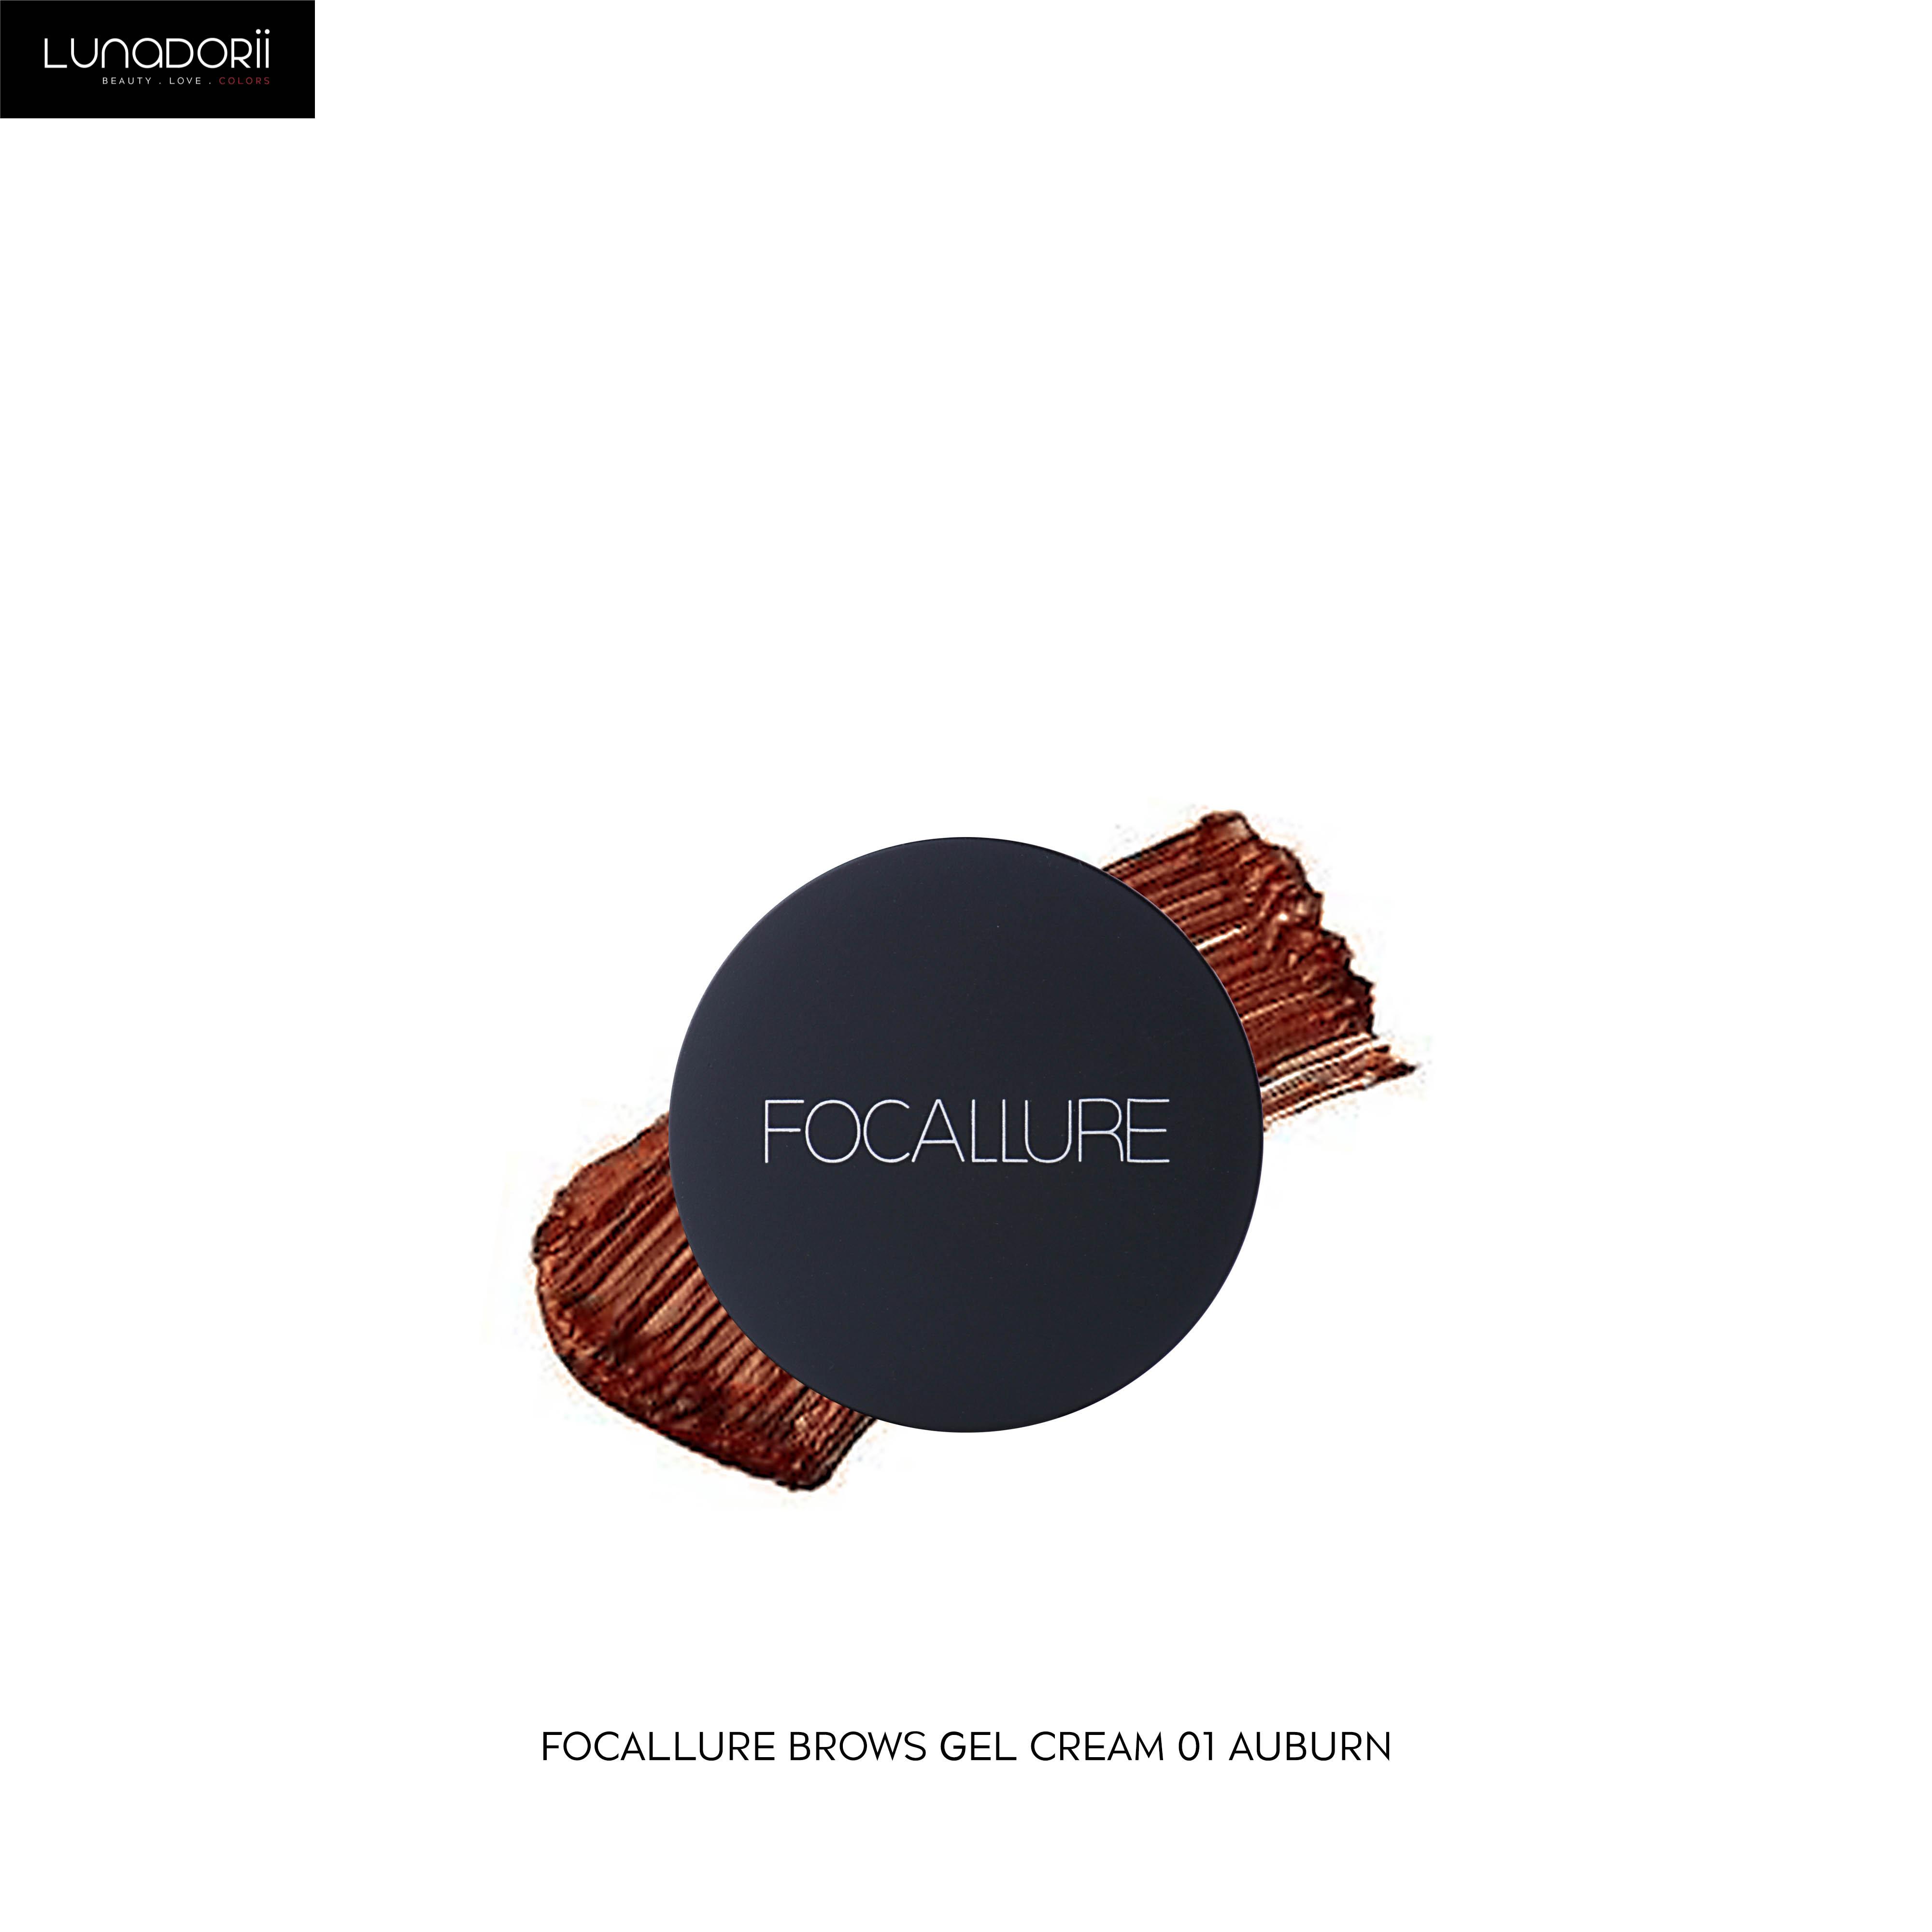 Focallure - FA23 Brows Gel Cream - Shade 01 thumbnail